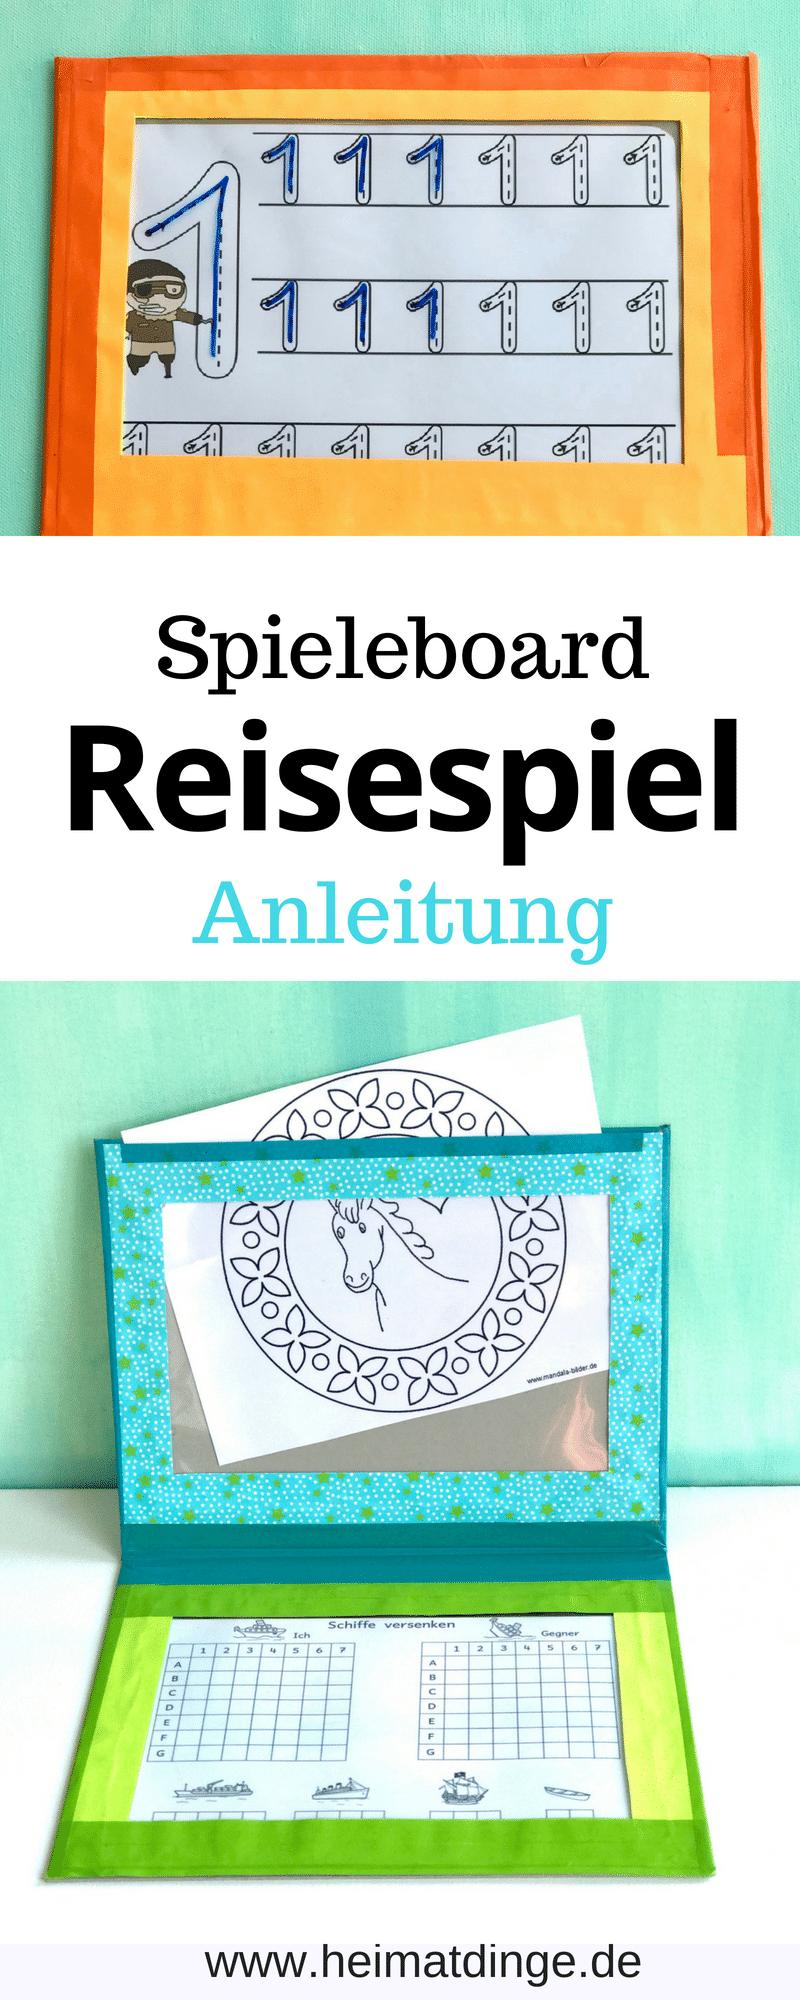 spiel-autofahrt-kinder-spielidee-reise-upcycling-spieleboard-pappkarton